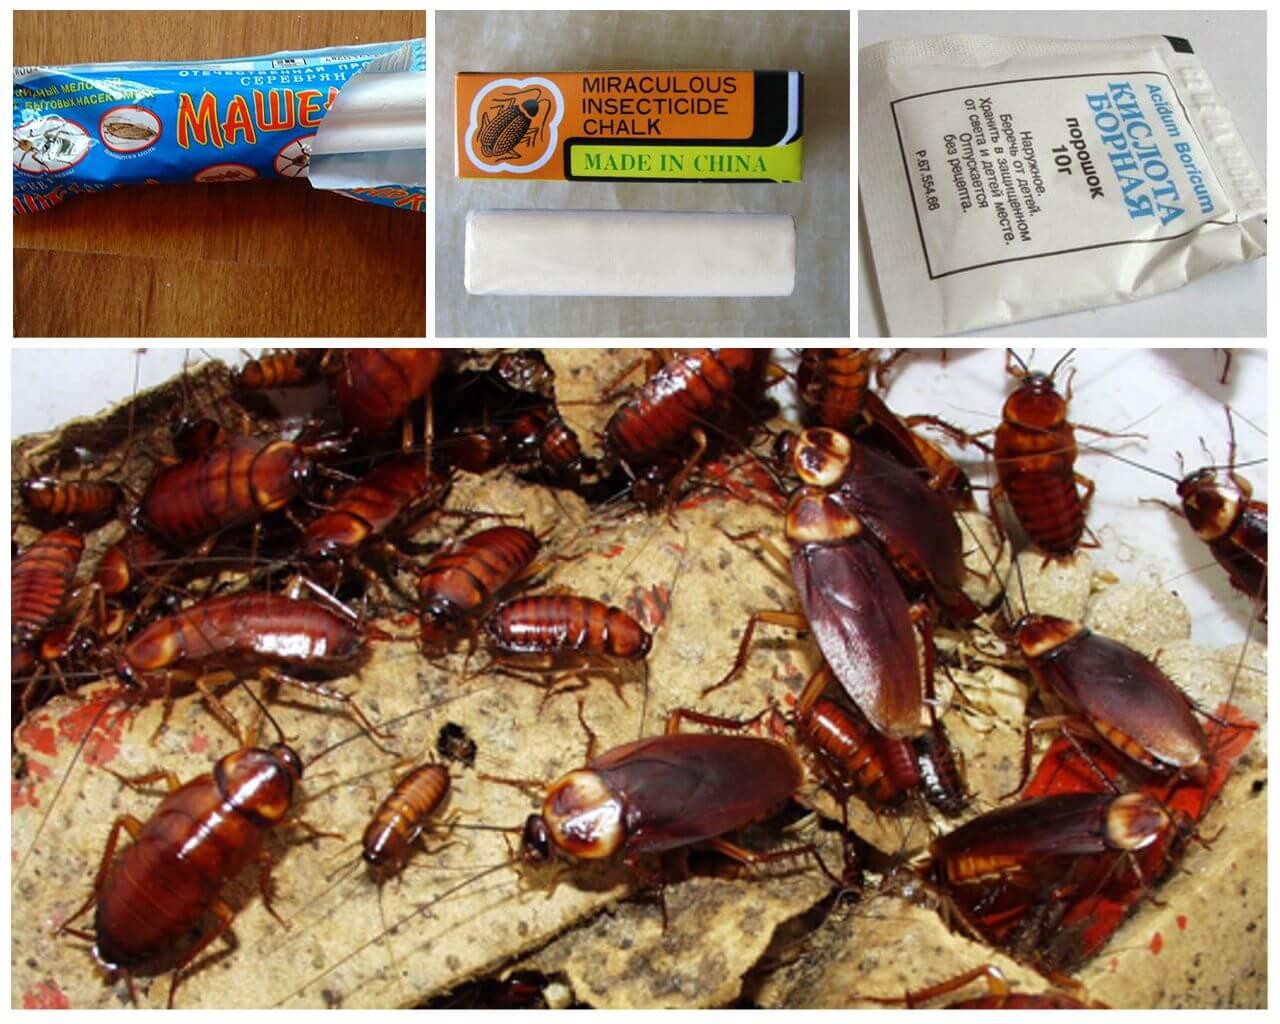 Как быстро вывести тараканов из квартиры навсегда, чем вытравить: народные средства